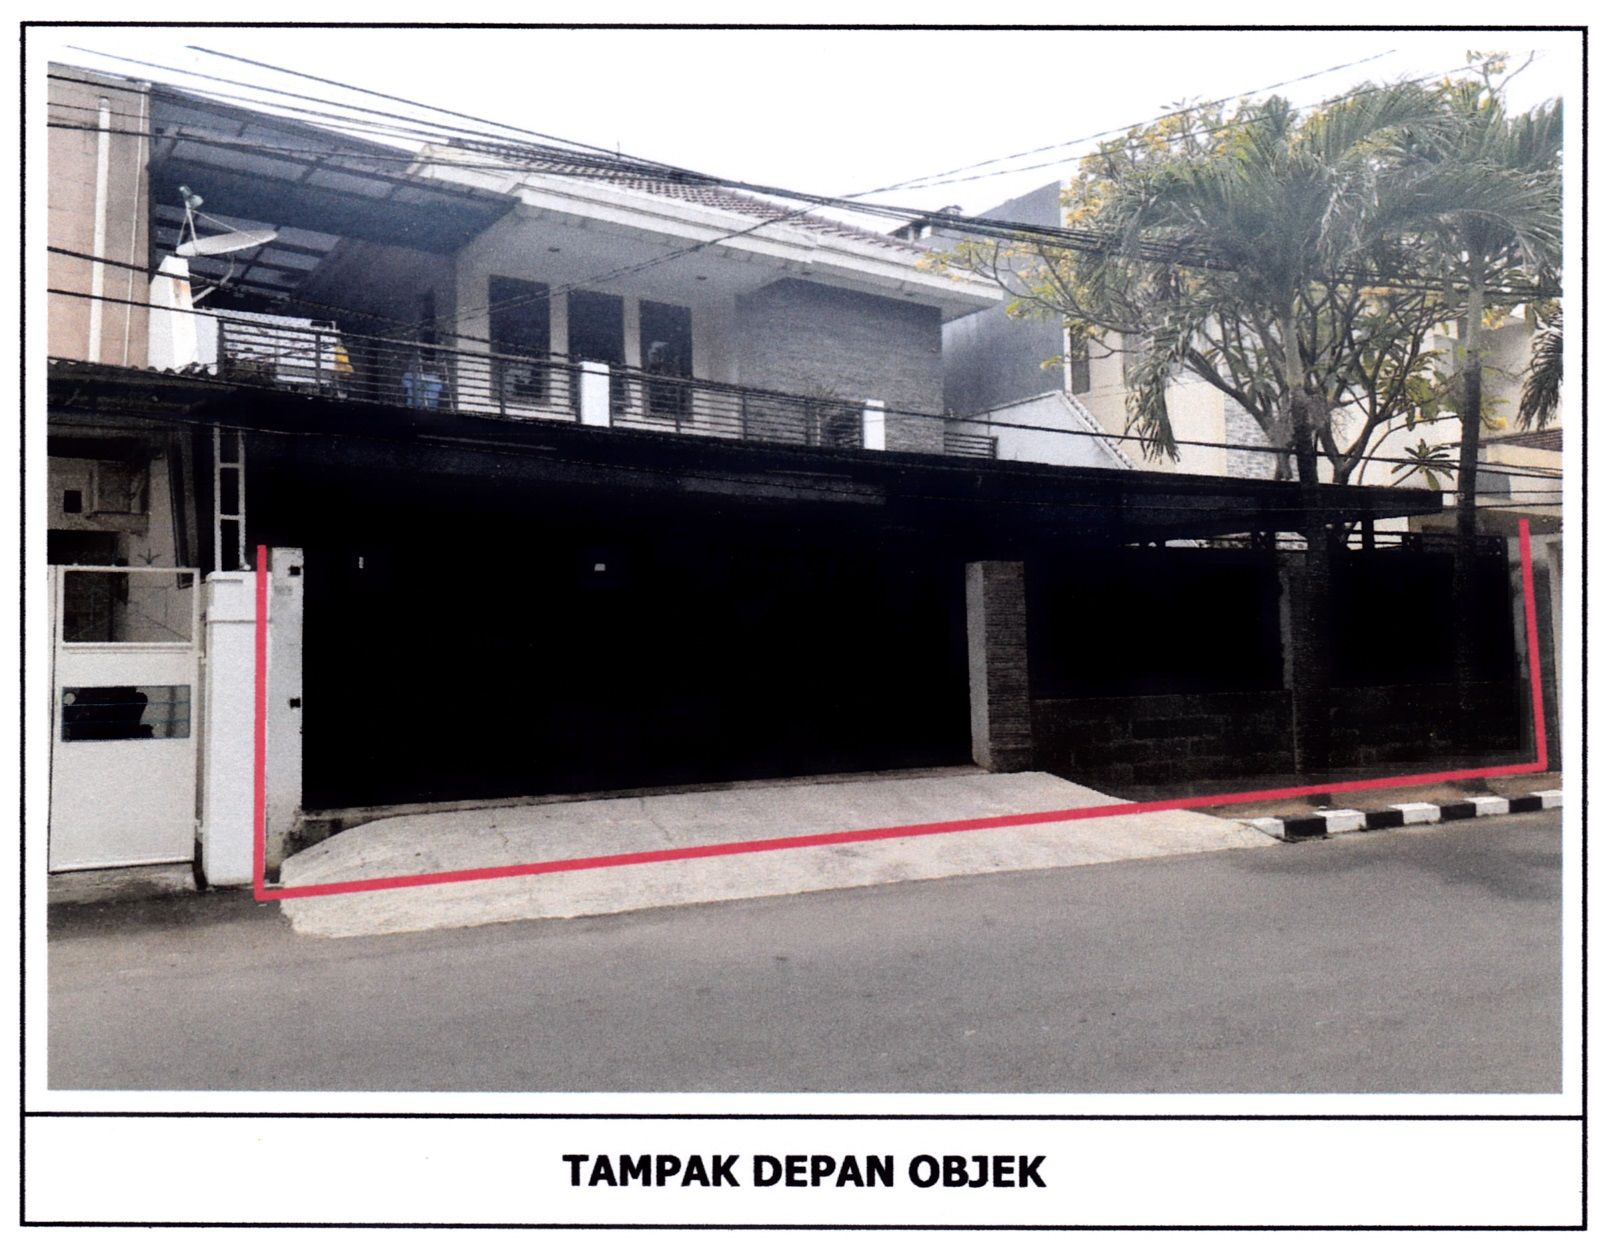 Dilelang Sebidang tanah seluas 341 m2 berikut bangunan (Rumah Tinggal) di Kebon Jeruk